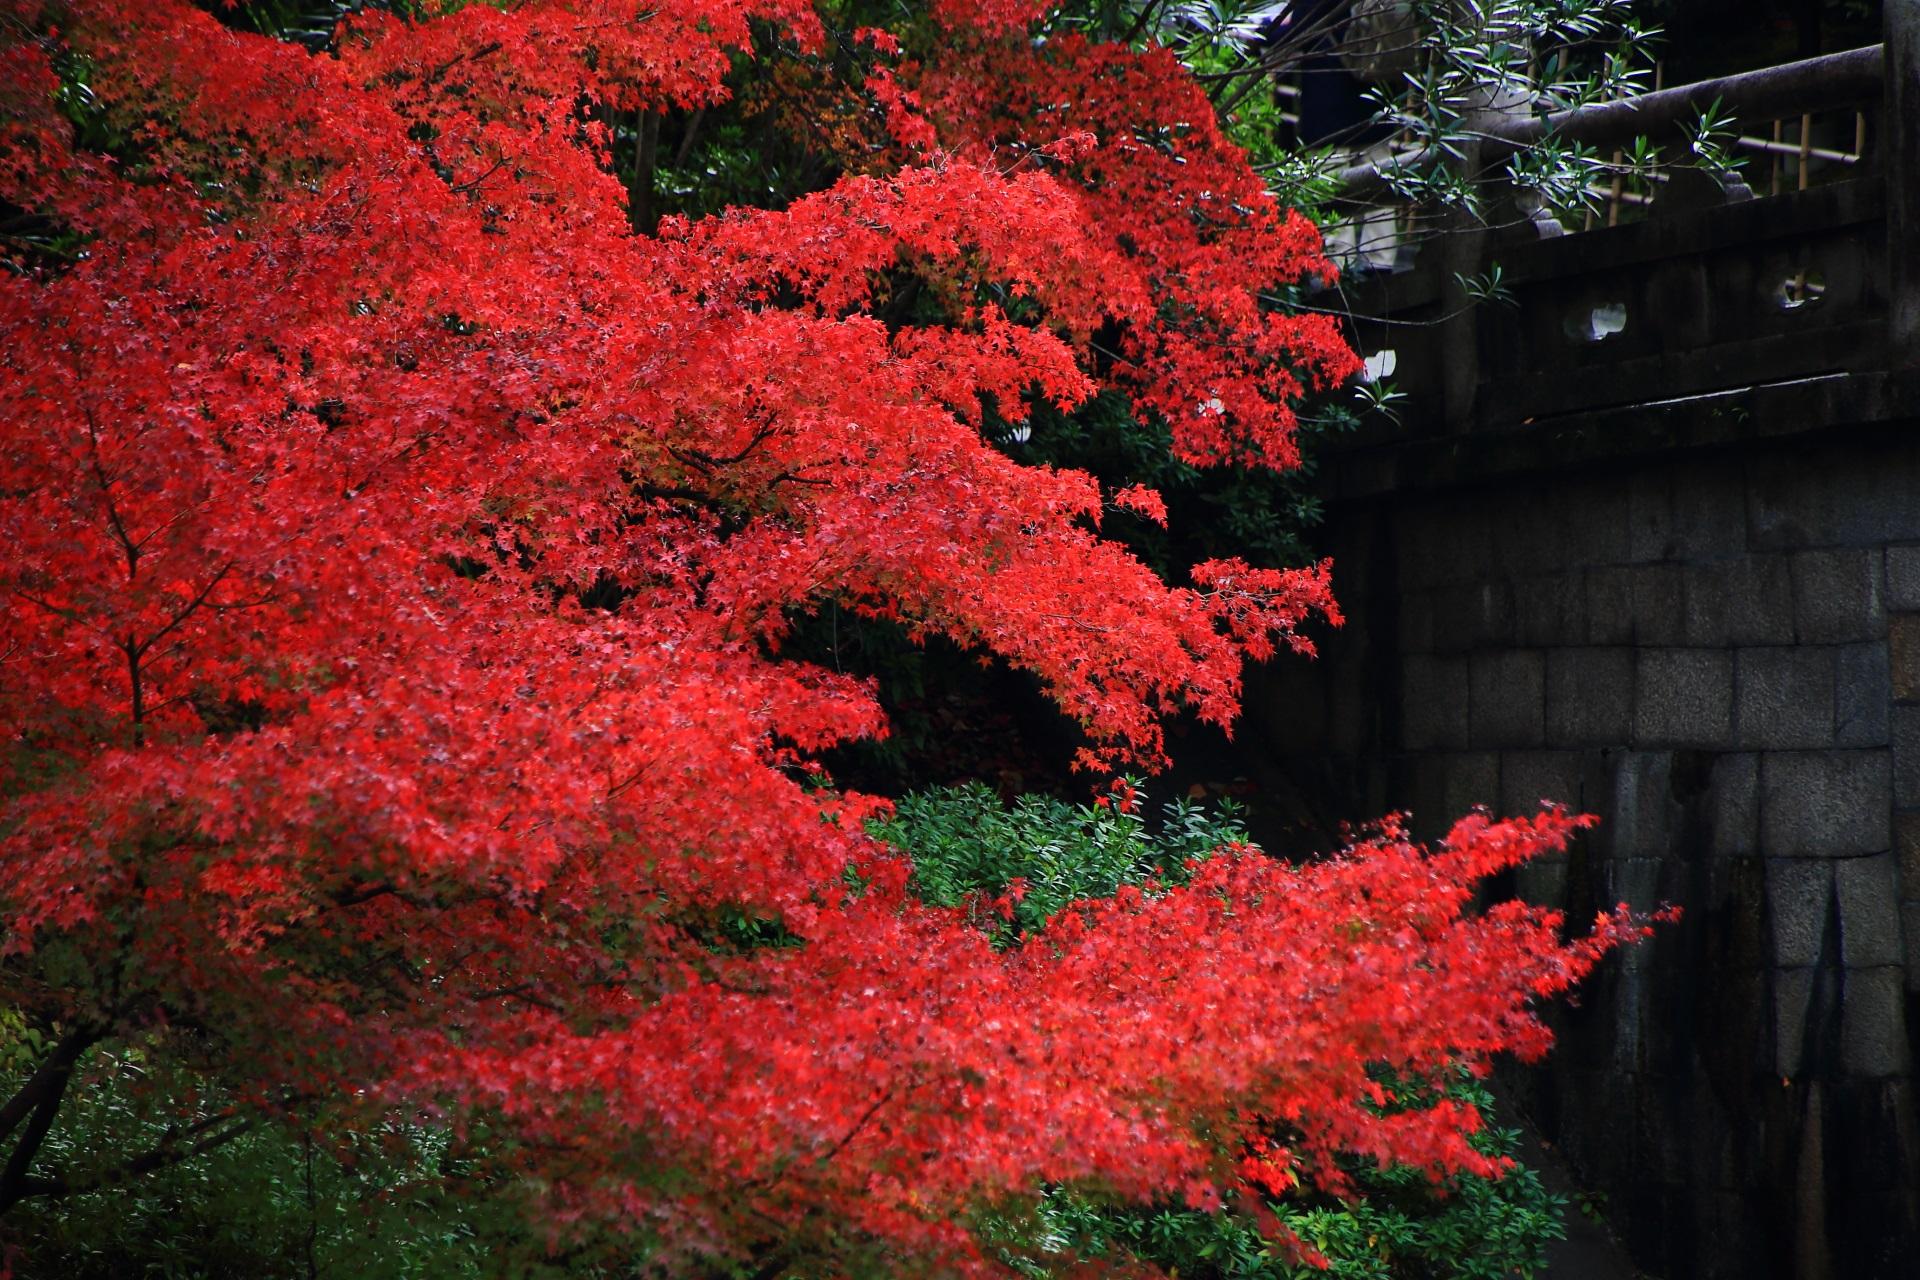 大谷本廟の皓月池に架かる円通橋(えんつうきょう)と鮮やかな紅葉